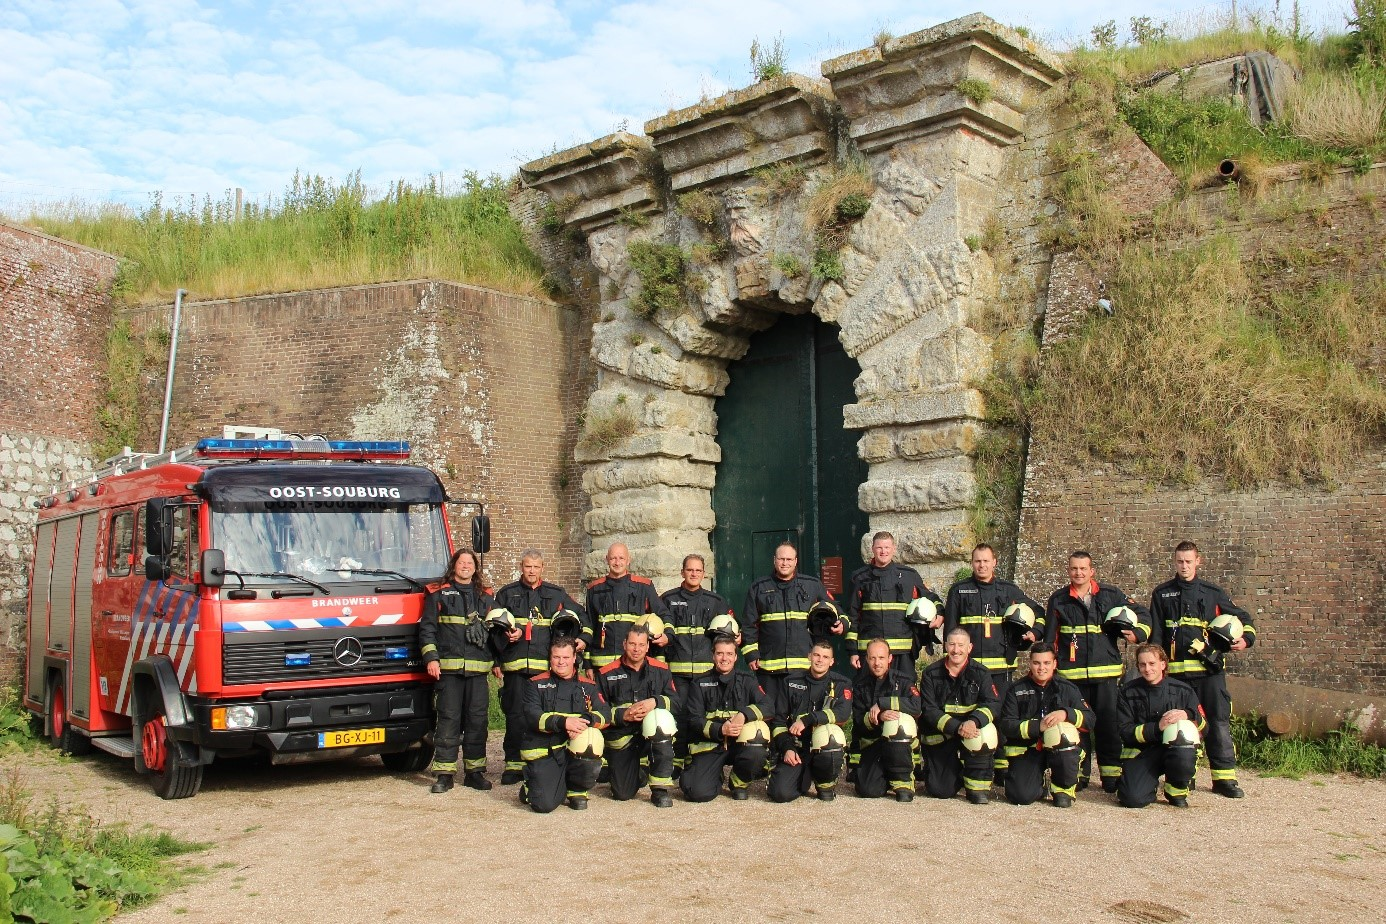 Brandweer Oost-Souburg